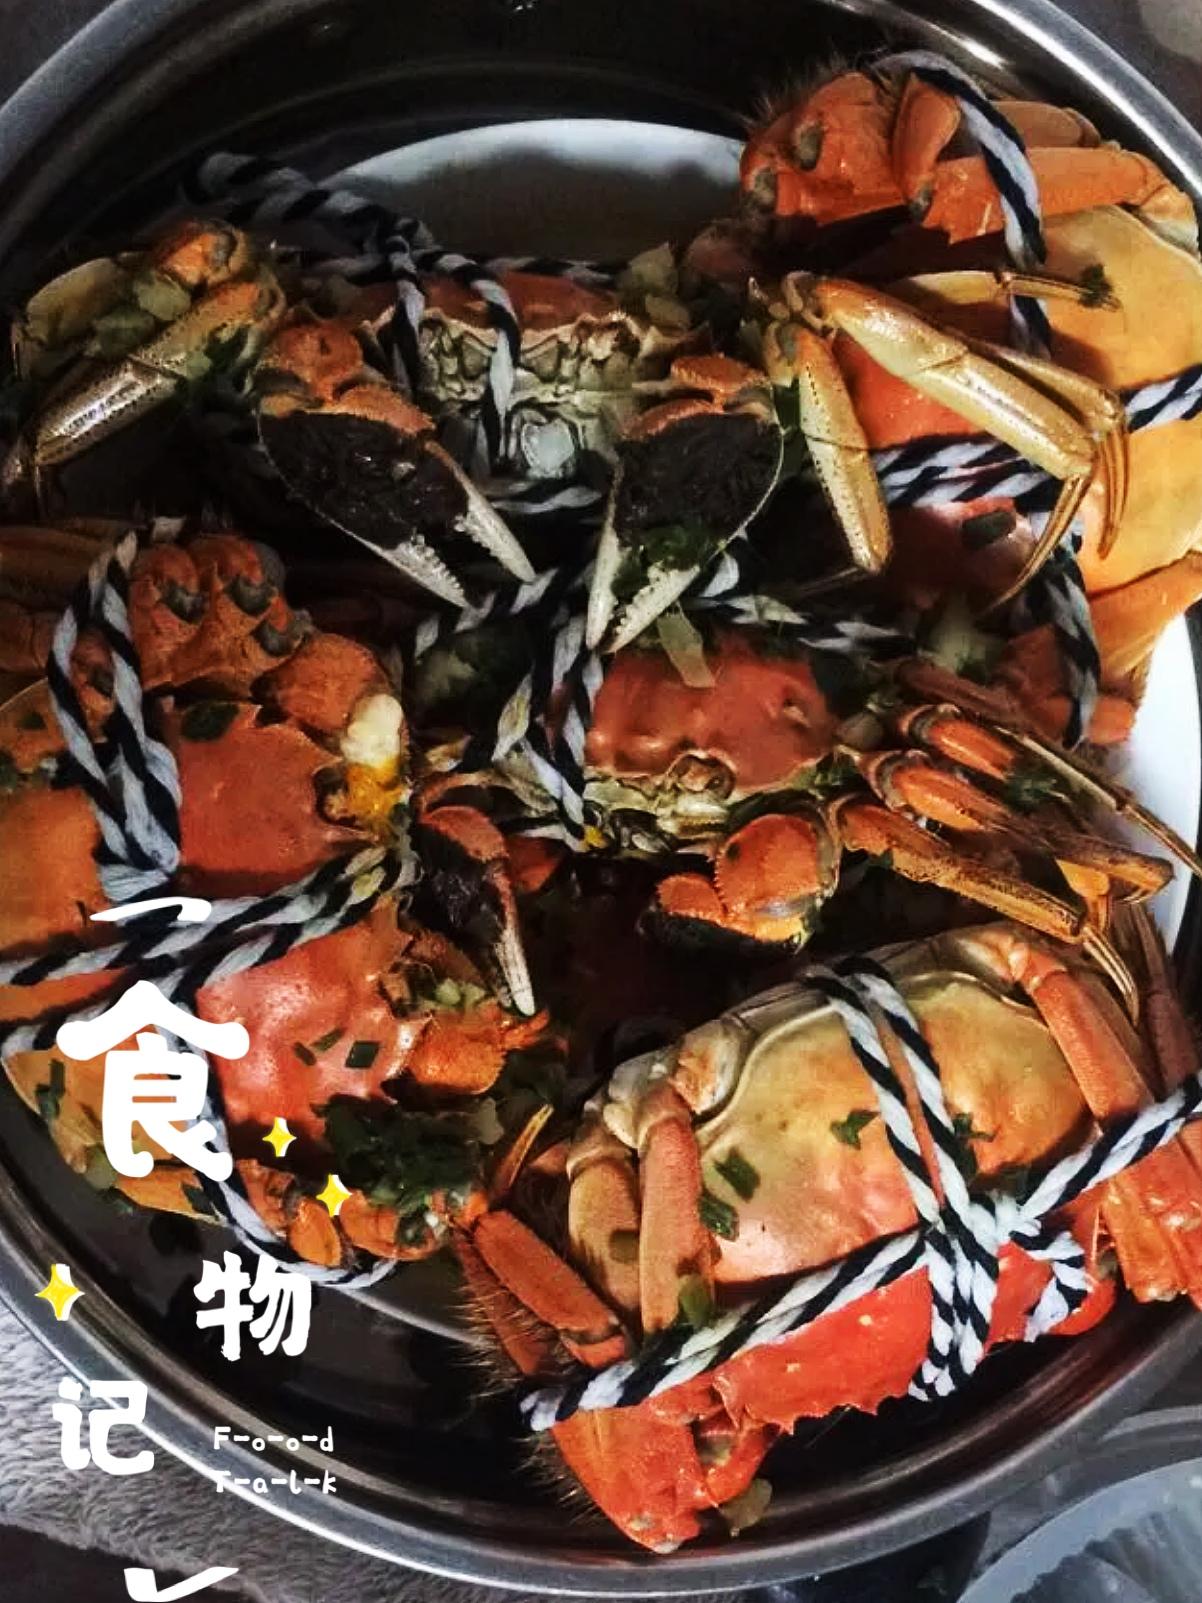 大闸蟹和哪些食物不适合一起吃